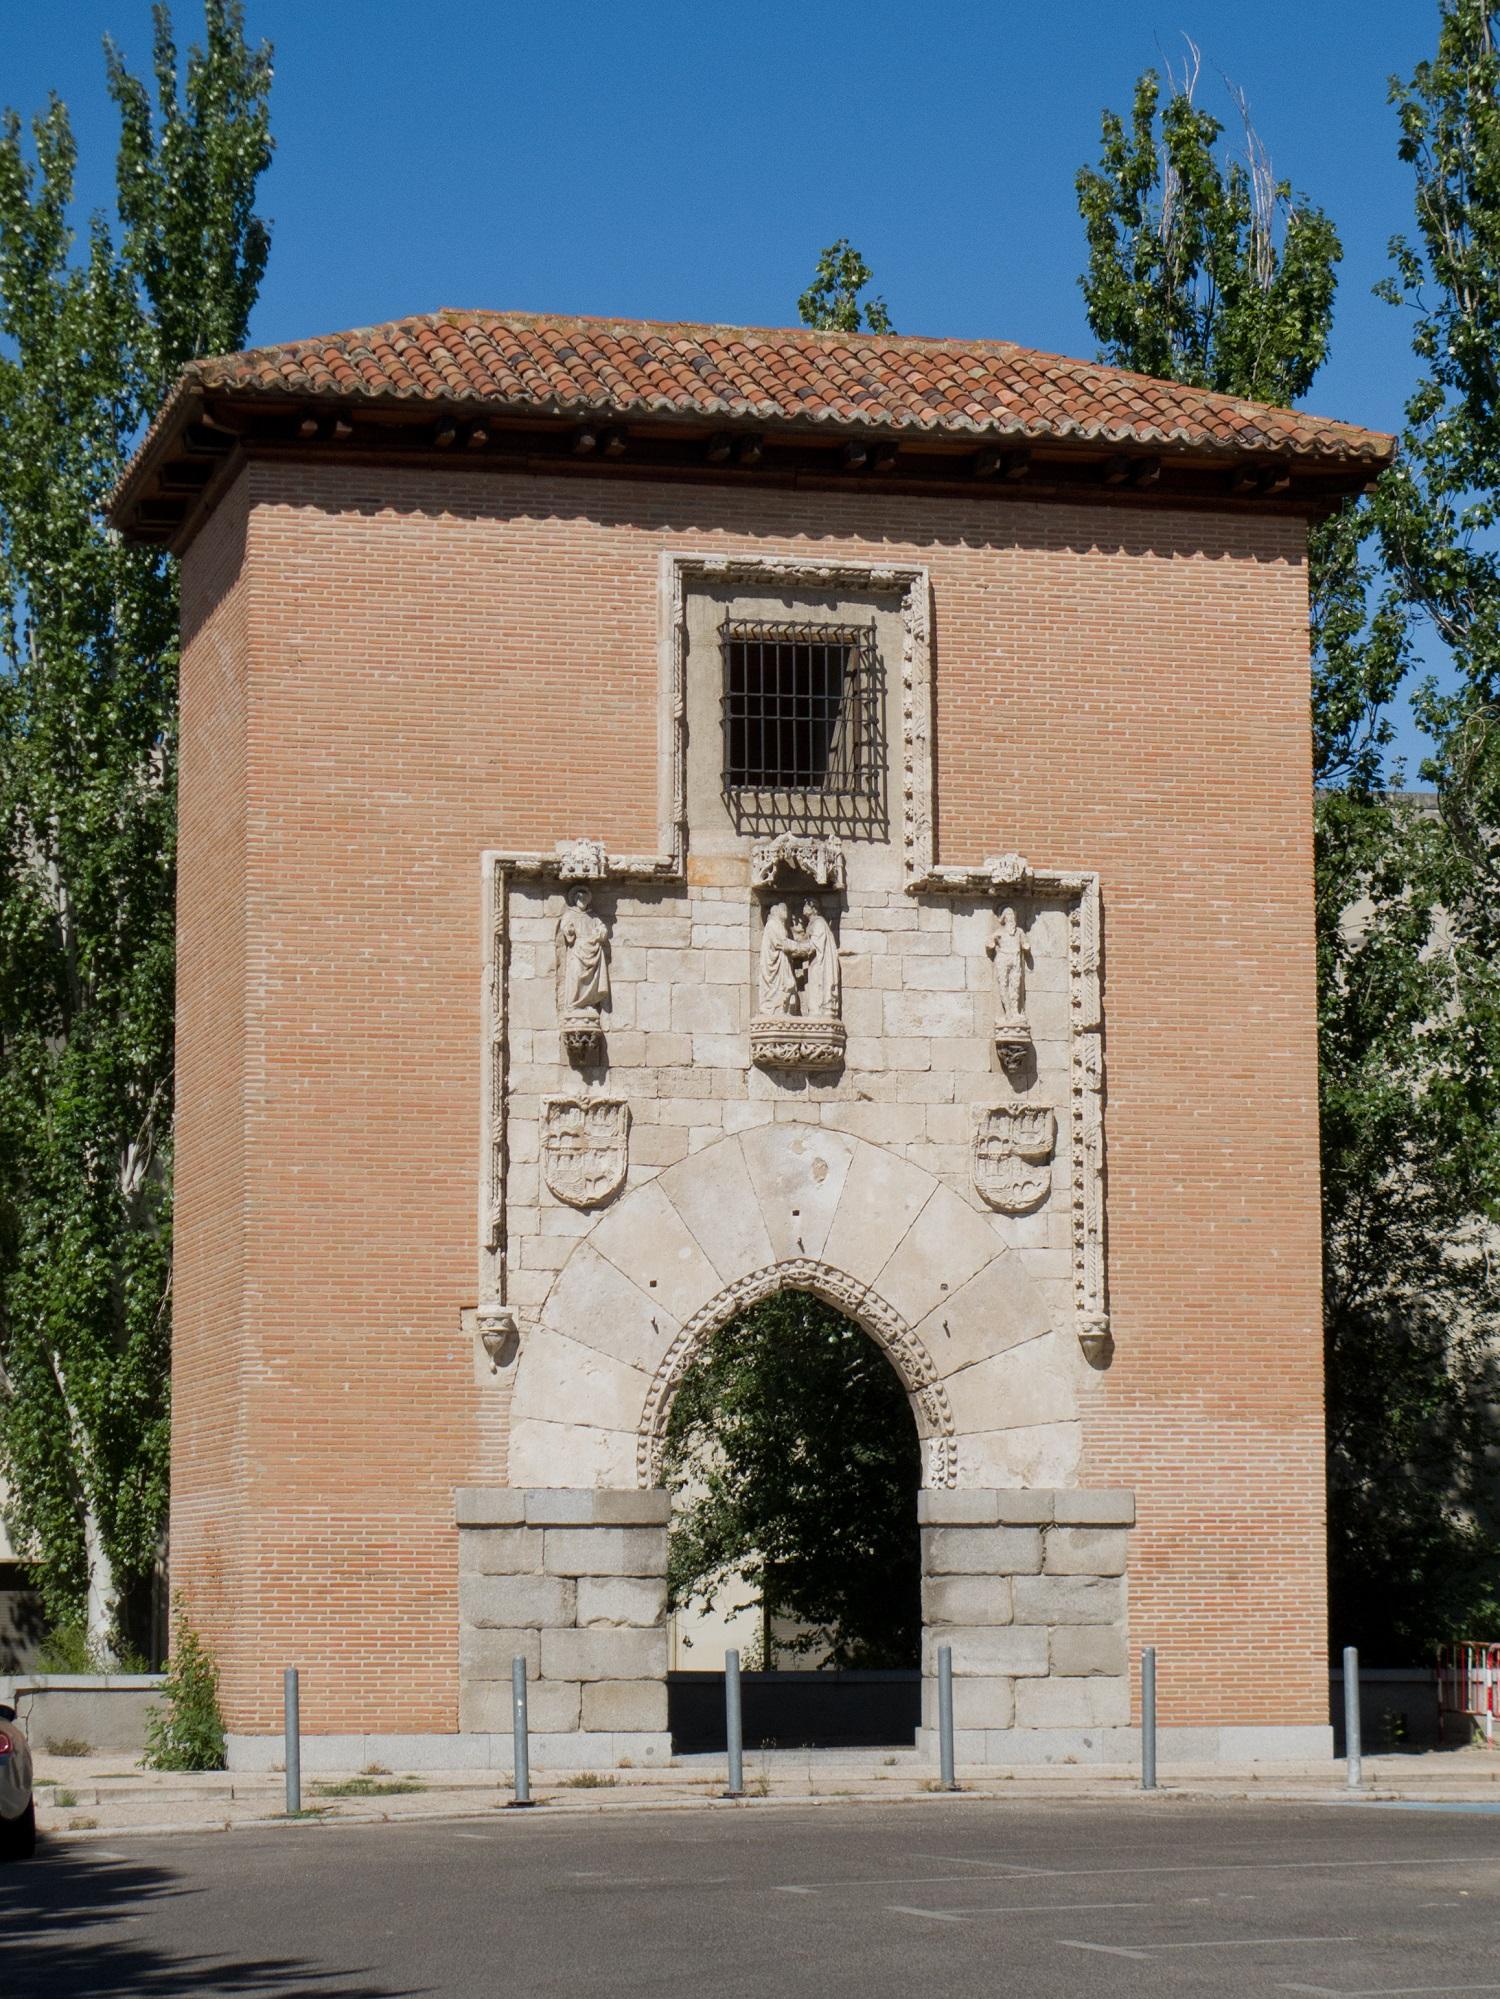 Portada gótico-mudéjar en la actualidad, en la Escuela Técnica